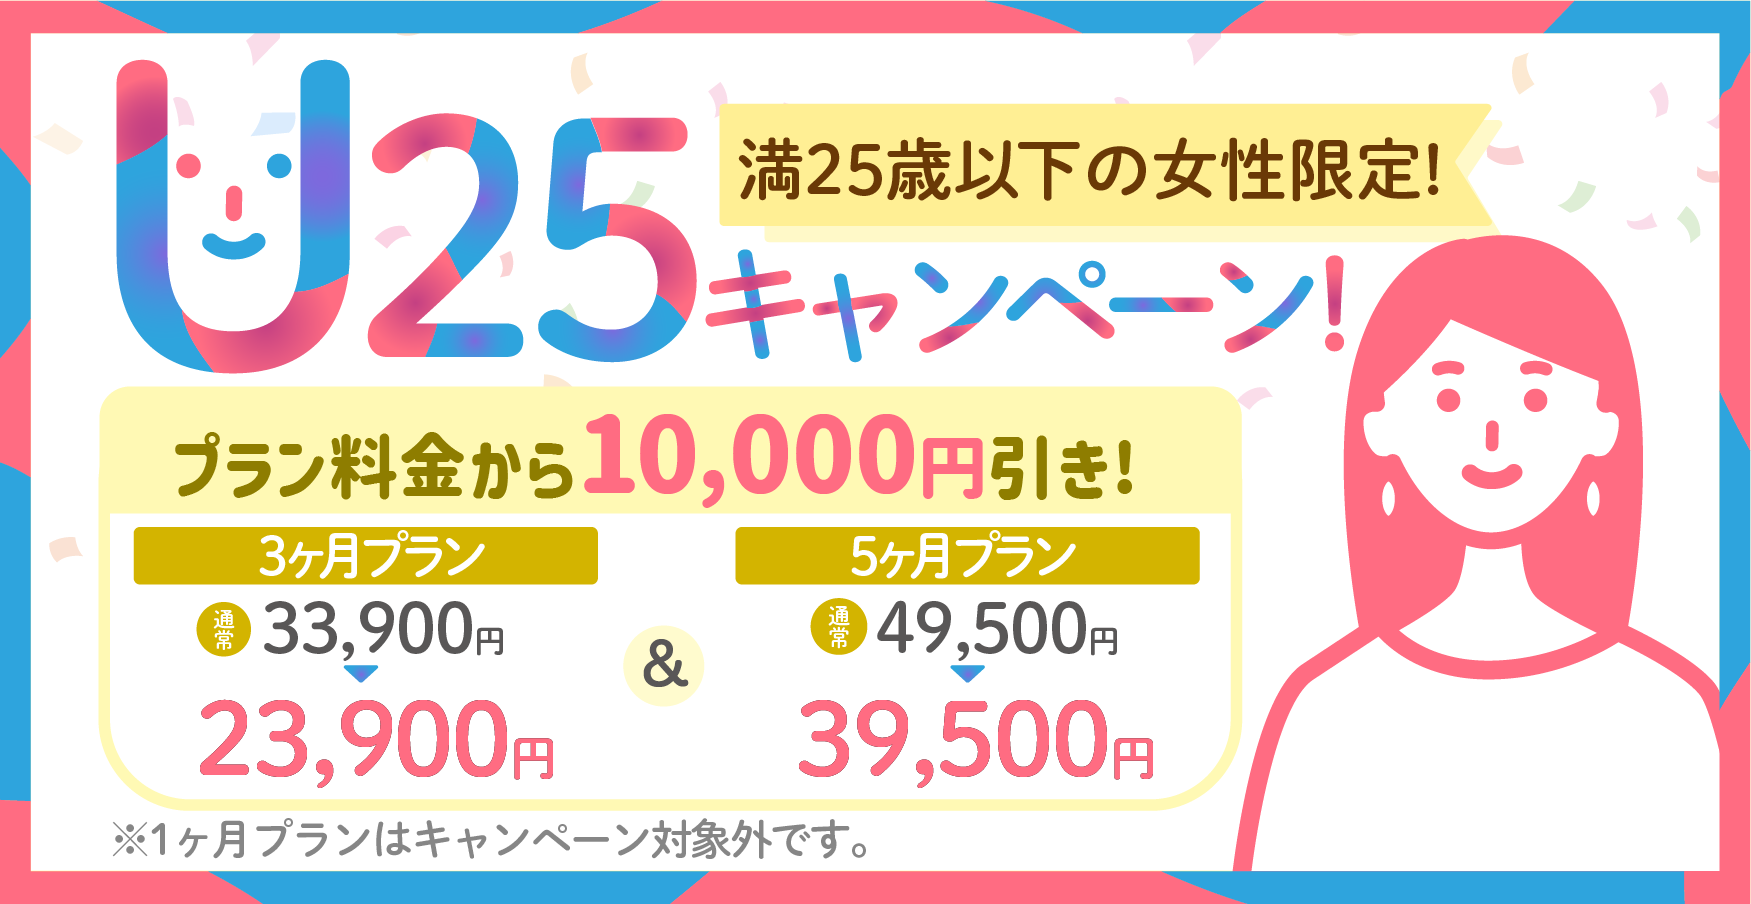 満25歳以下の女性限定キャンペーン 3か月プラン、5ヶ月プラン共にプラン料金から1万円引きです!1ヶ月プランは対象外となります。